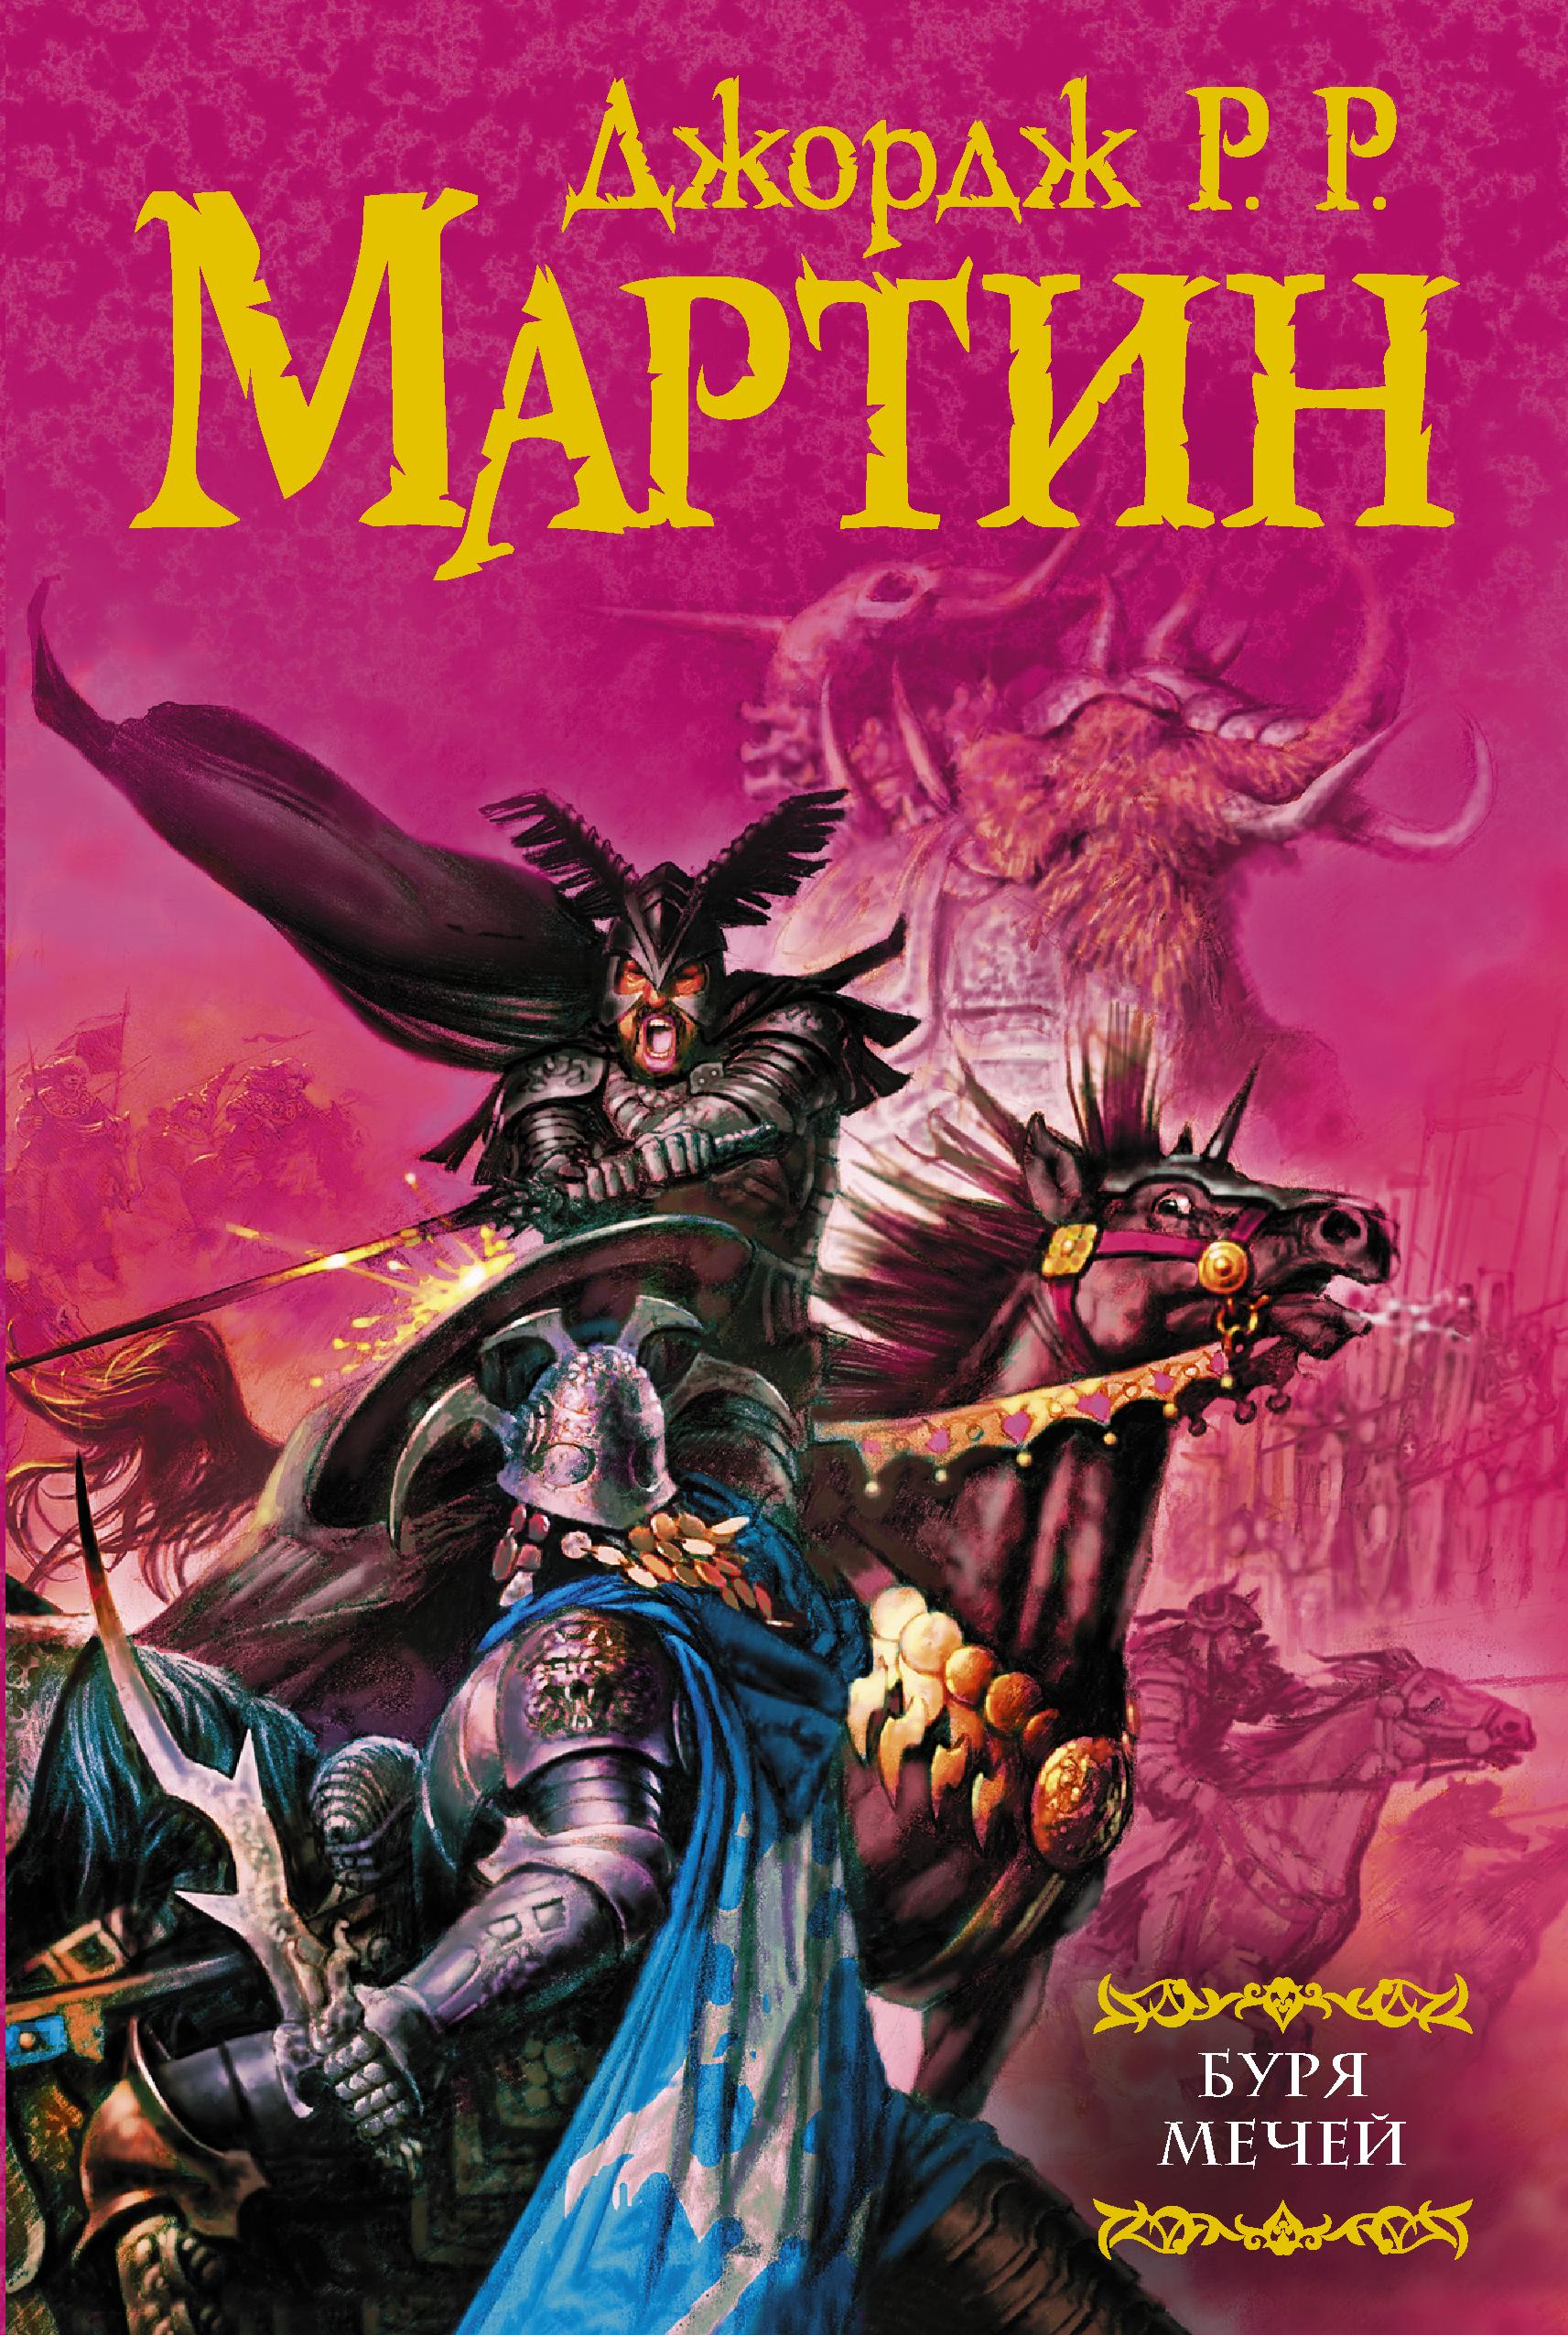 Мартин Д. Буря мечей джордж р р мартин буря мечей часть 3